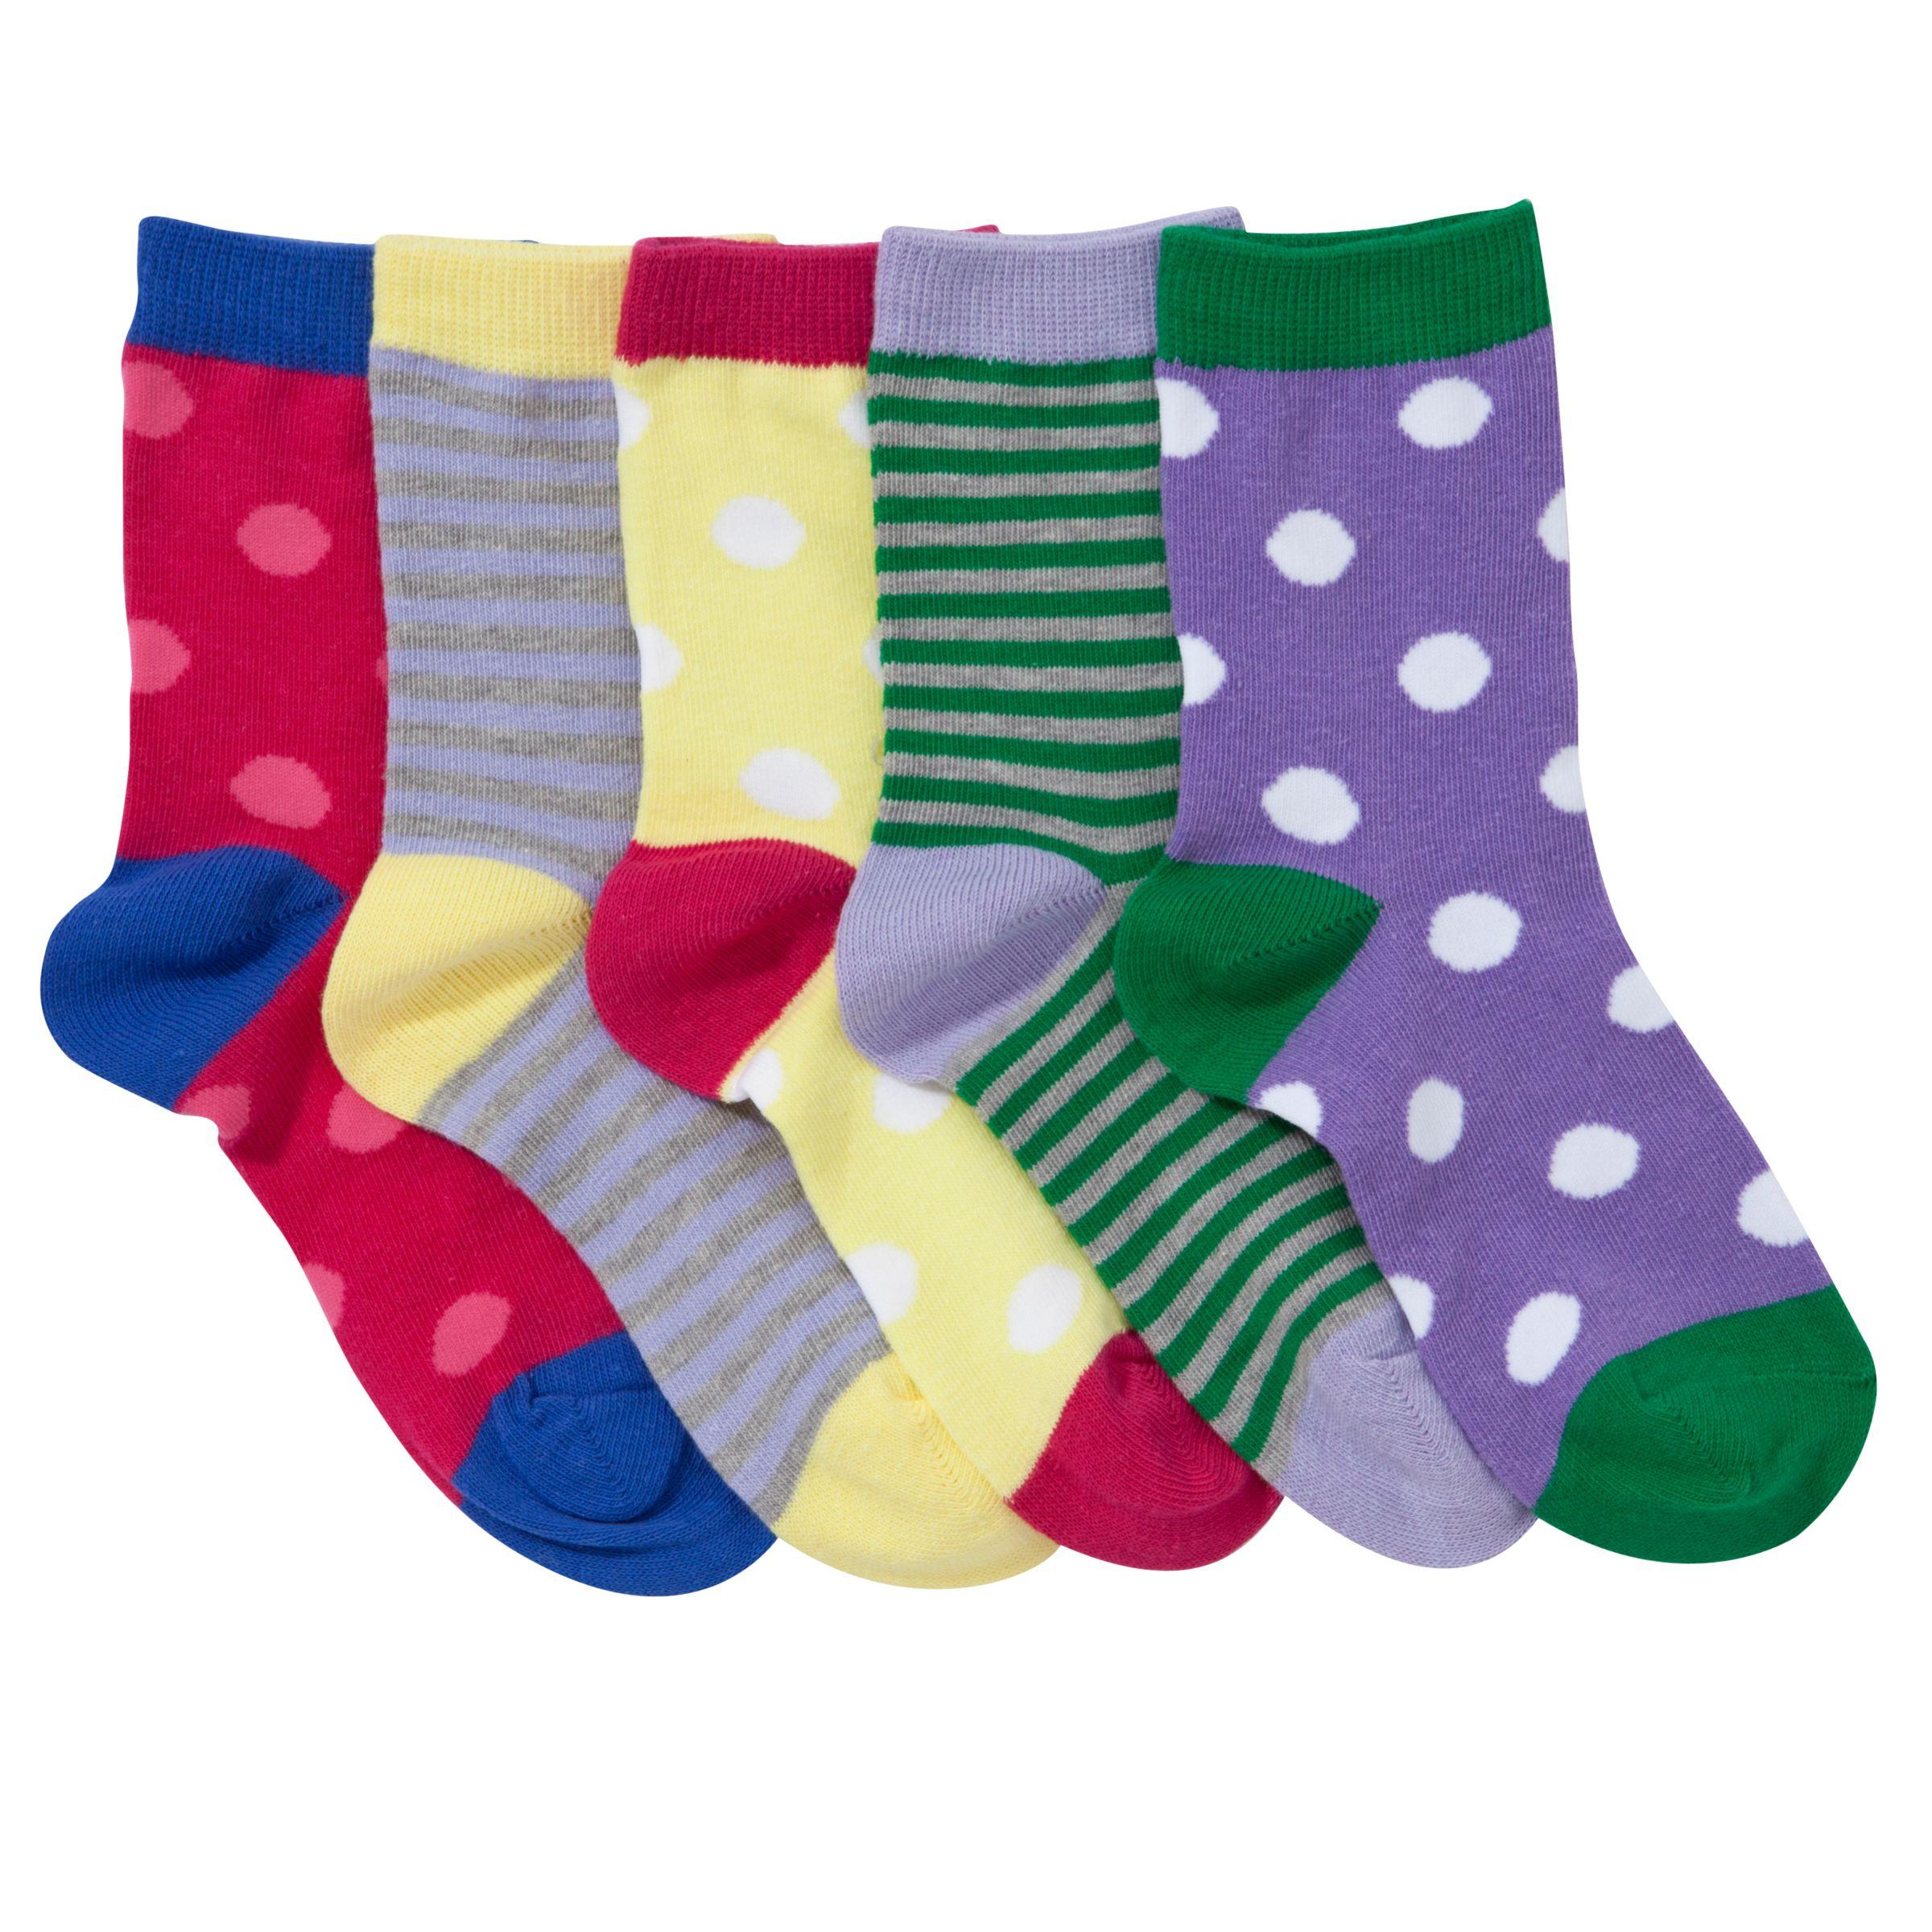 John Lewis Girl Bright Spot and Stripe Socks, Pack of 5, Multi